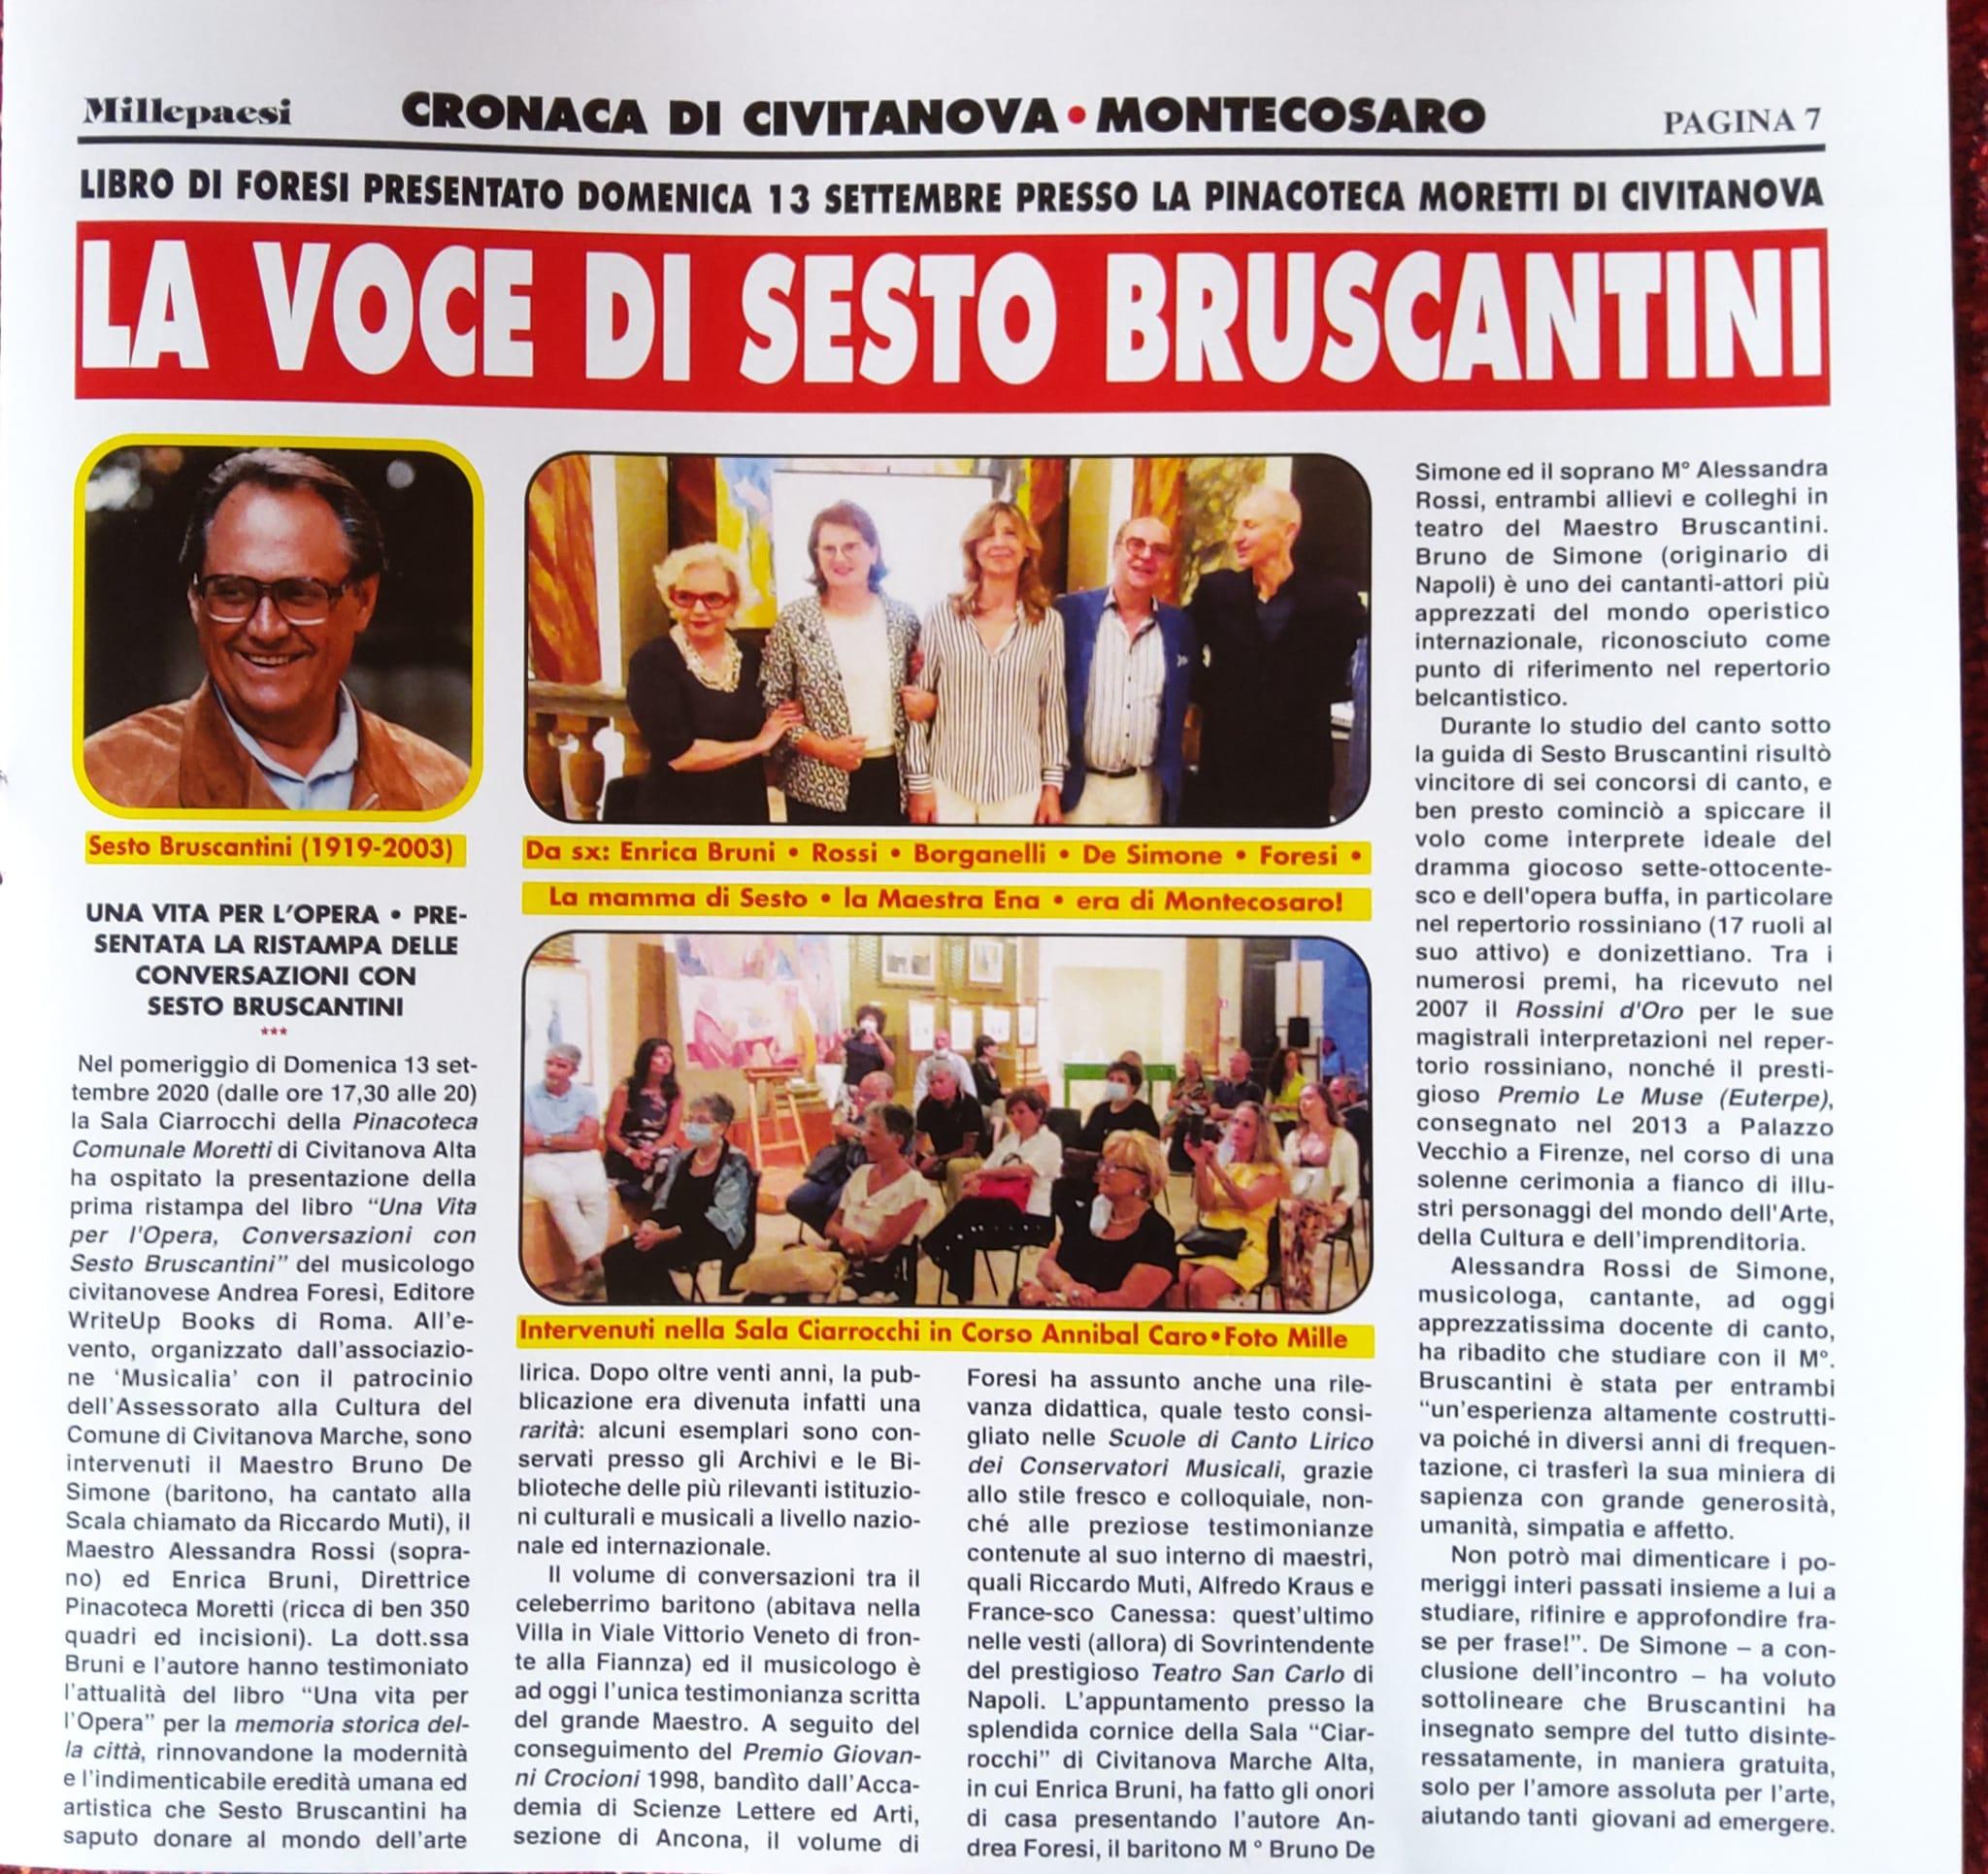 Cronaca di Civitanova - Montecosaro